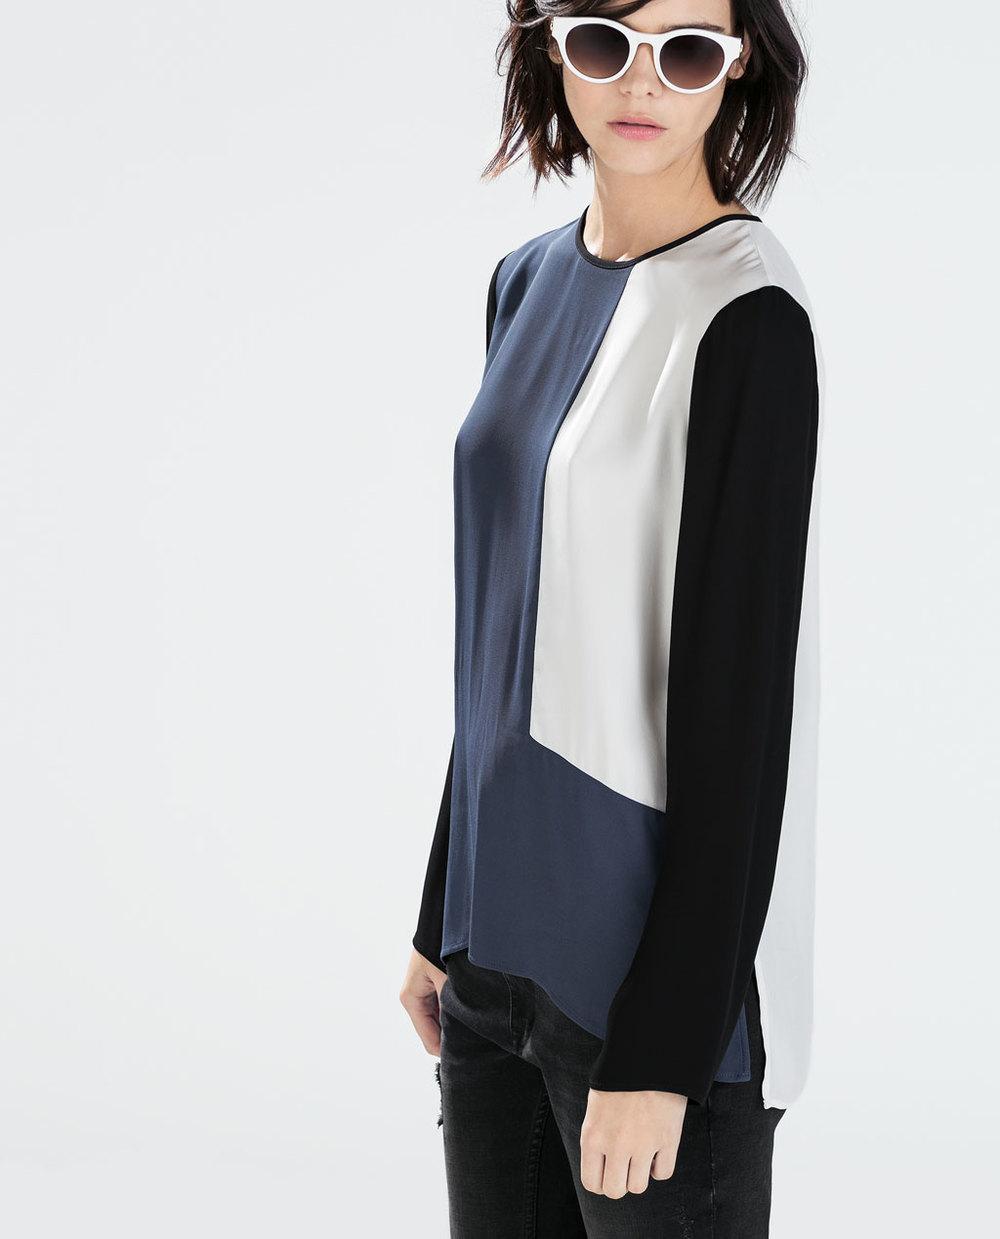 Tri Color Top. Zara. $79.90.